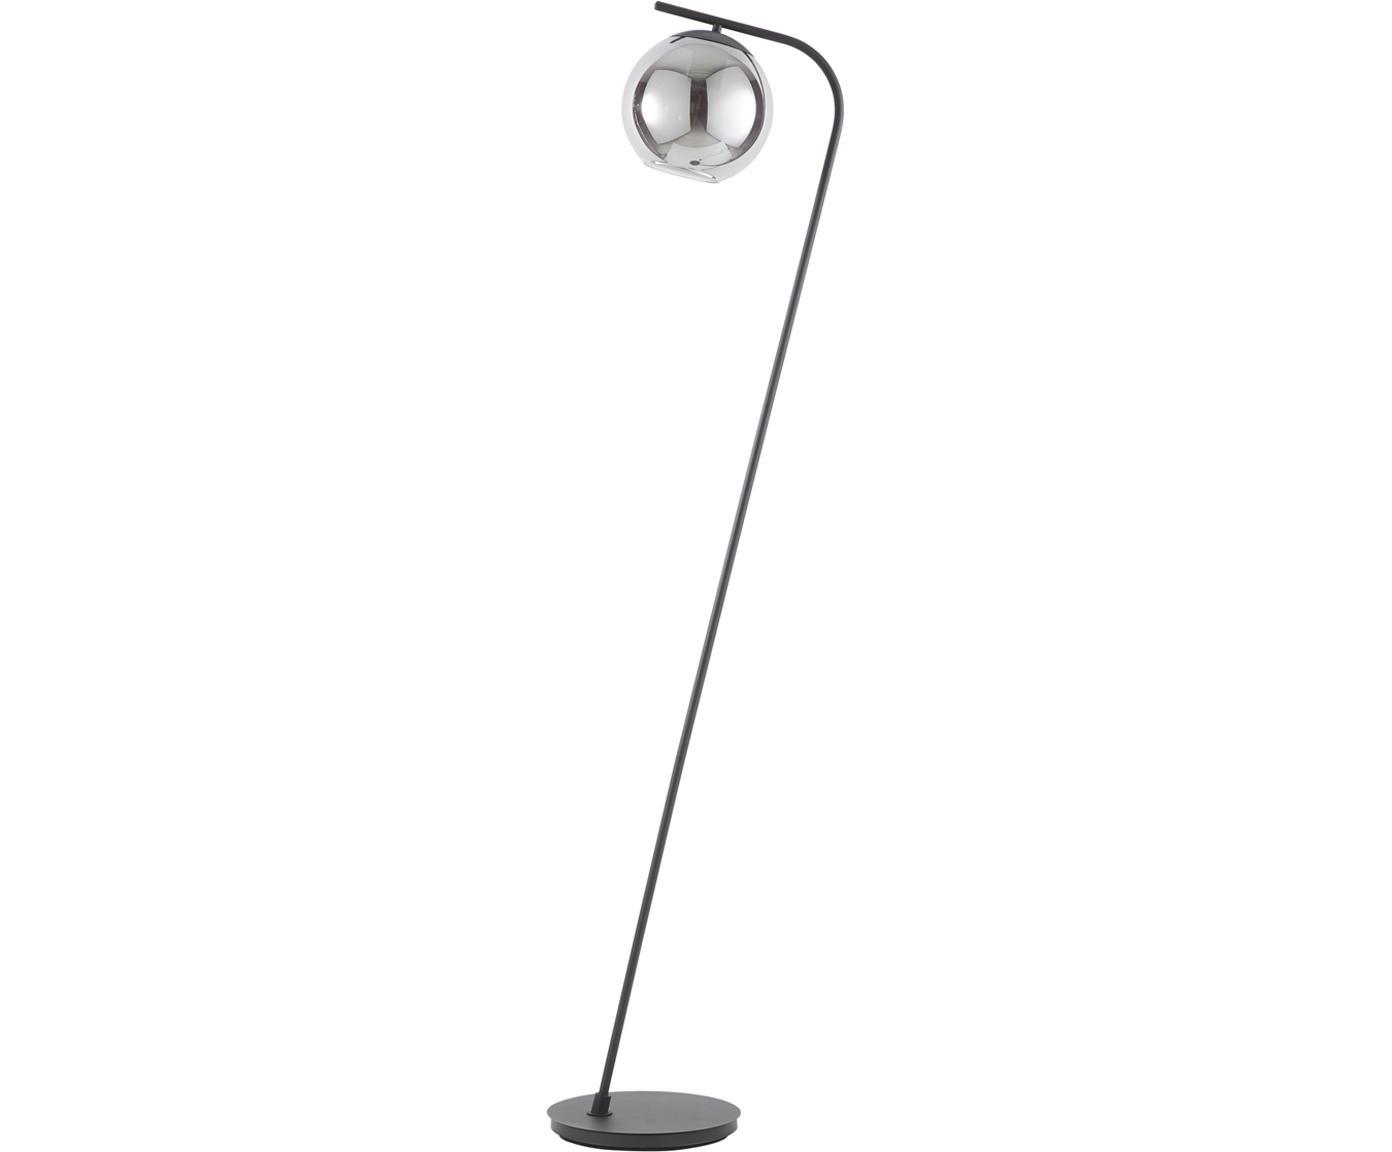 Stehlampe Amos aus dunklem Glas, Lampenschirm: Glas, Lampenfuß: Metall, pulverbeschichtet, Schwarz, transparent, Ø 20 x H 150 cm